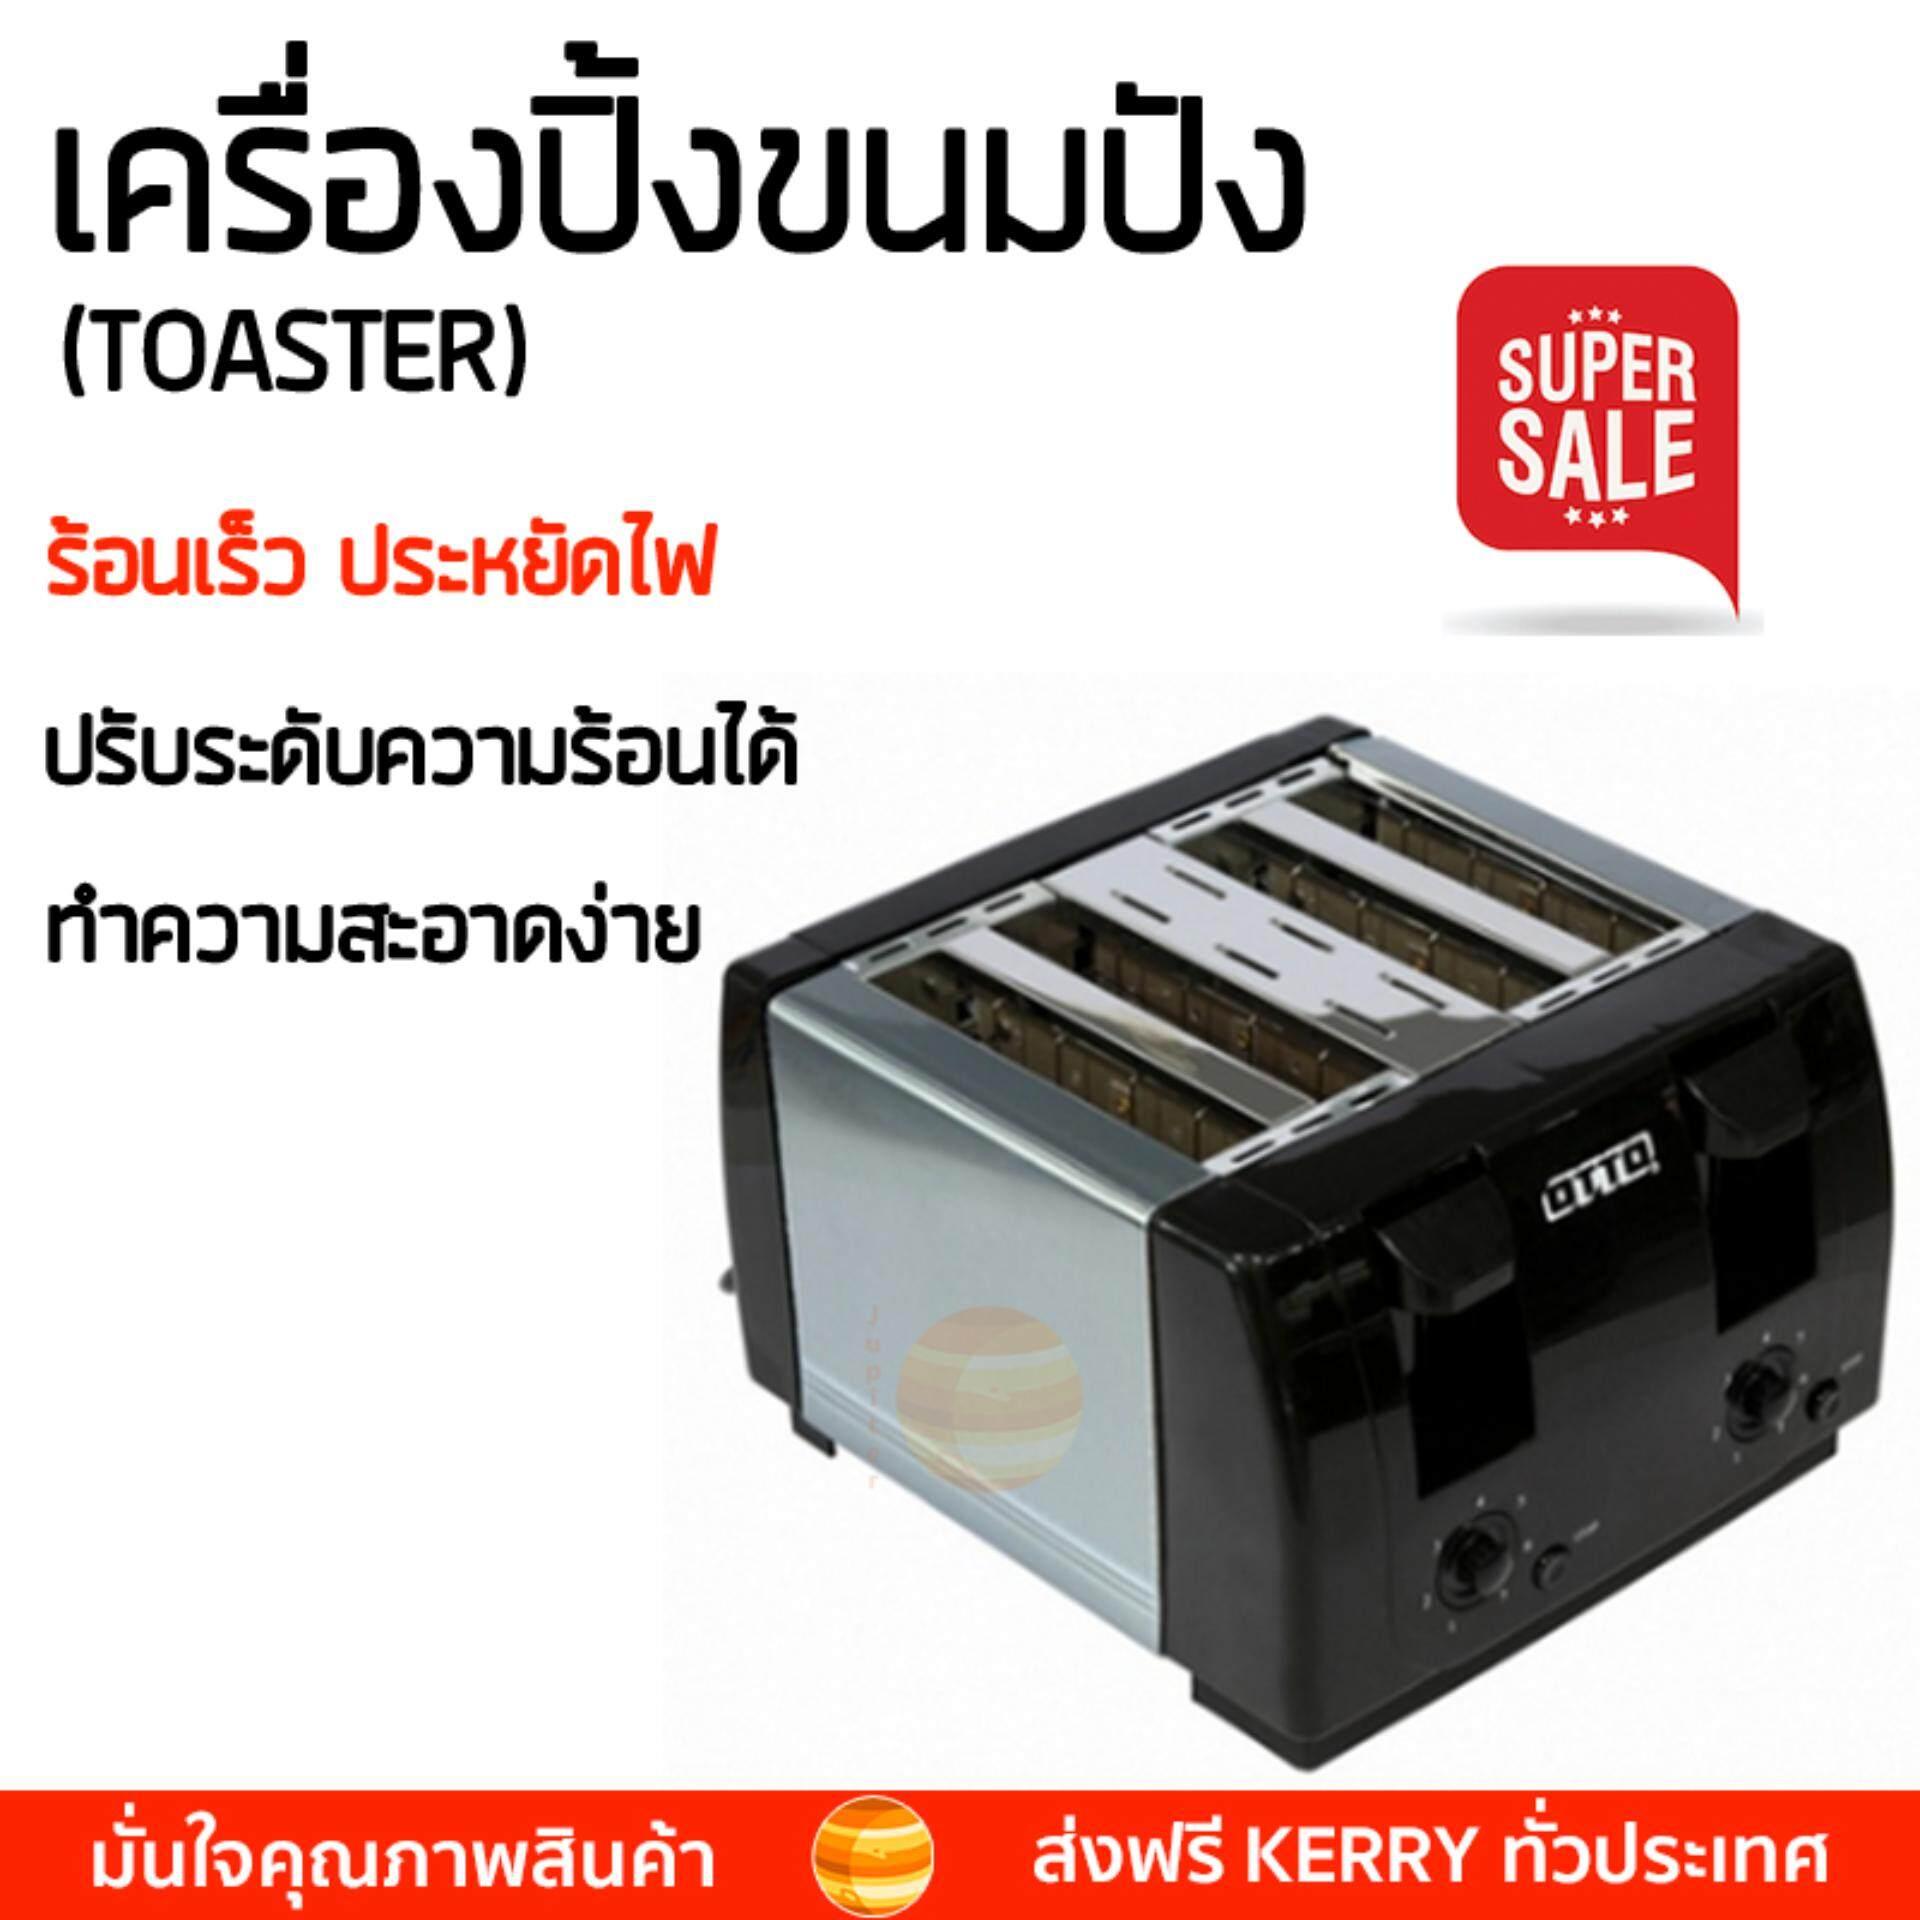 สมุทรสาคร สินค้าขายดี เครื่องปิ้งขนมปัง เครื่องปิ้งขนมปัง OTTO TT-135A 4PC  OTTO  TT-135A สุกทั่วแผ่นพร้อมกัน ปรับความร้อนได้หลายระดับ ครื่องปิ้งขนมปังอัตโนมัติ เครื่องทำแซนด์วิช Toasters จัดส่งฟรีทั่วประเทศ